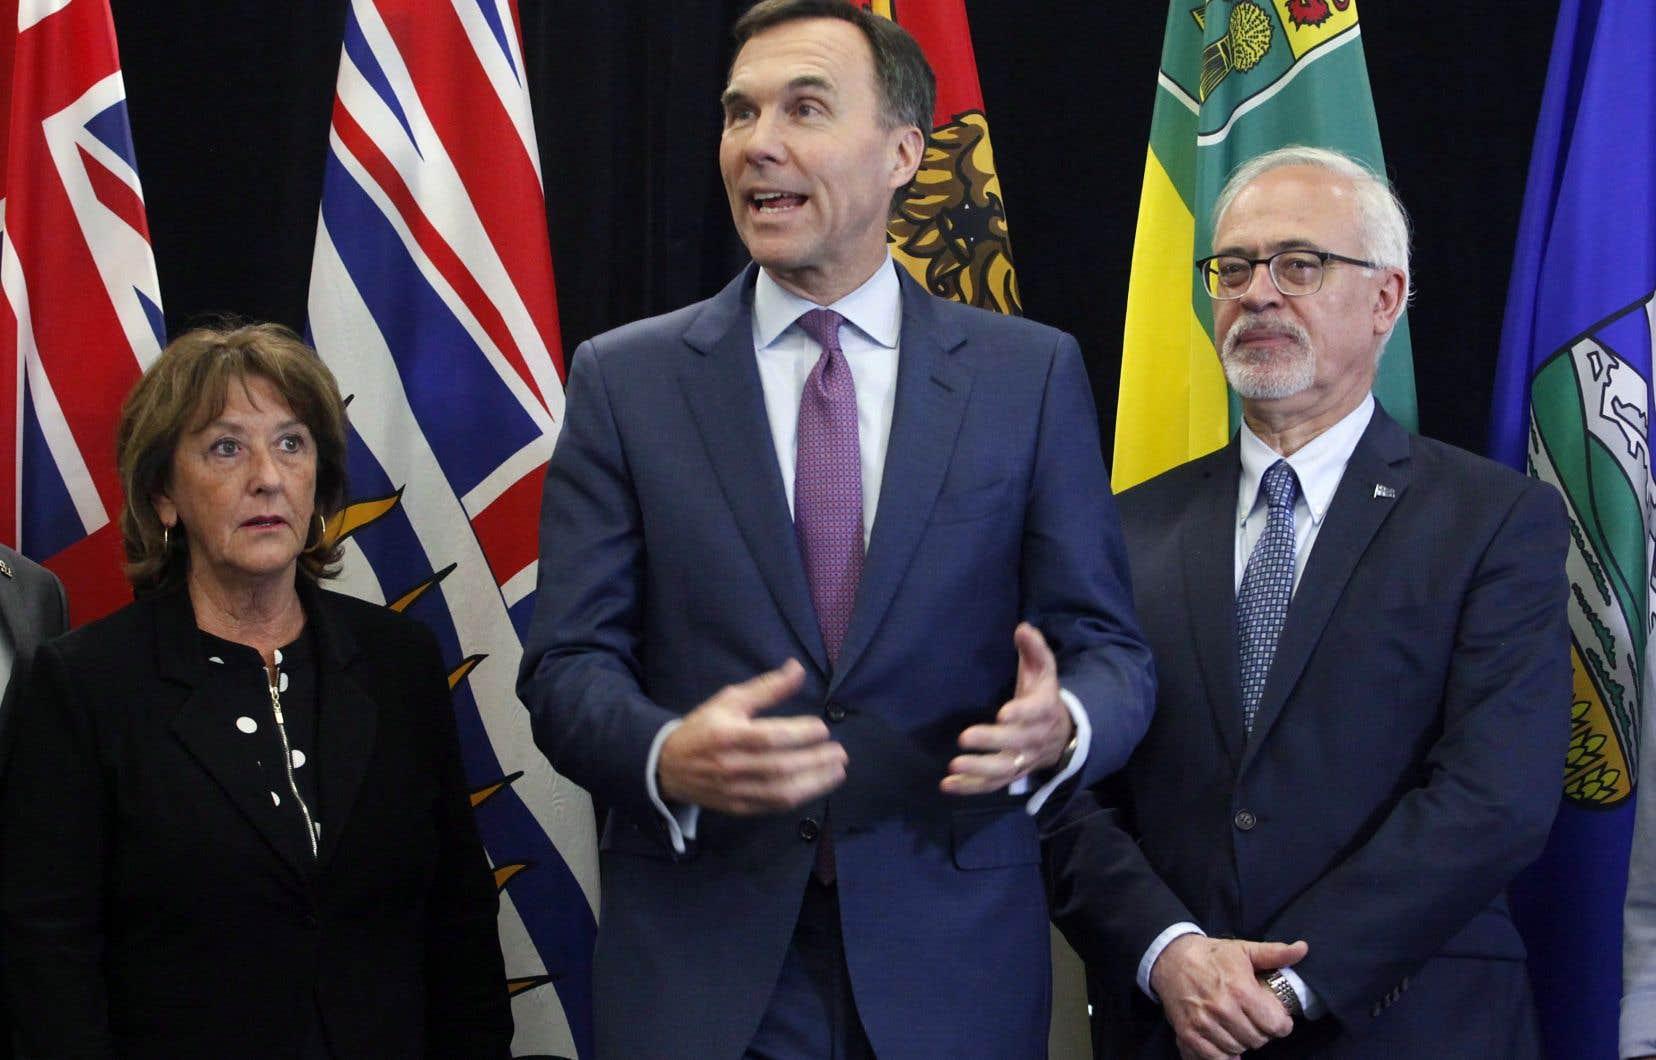 Le ministre fédéral des Finances, Bill Morneau, entouré de ses homologues provinciaux, notamment Karen Casey, de la Nouvelle-Écosse, et Carlos Leitão, du Québec, a tenu à rassurer le monde canadien des affaires face à la montée du protectionnisme américain.